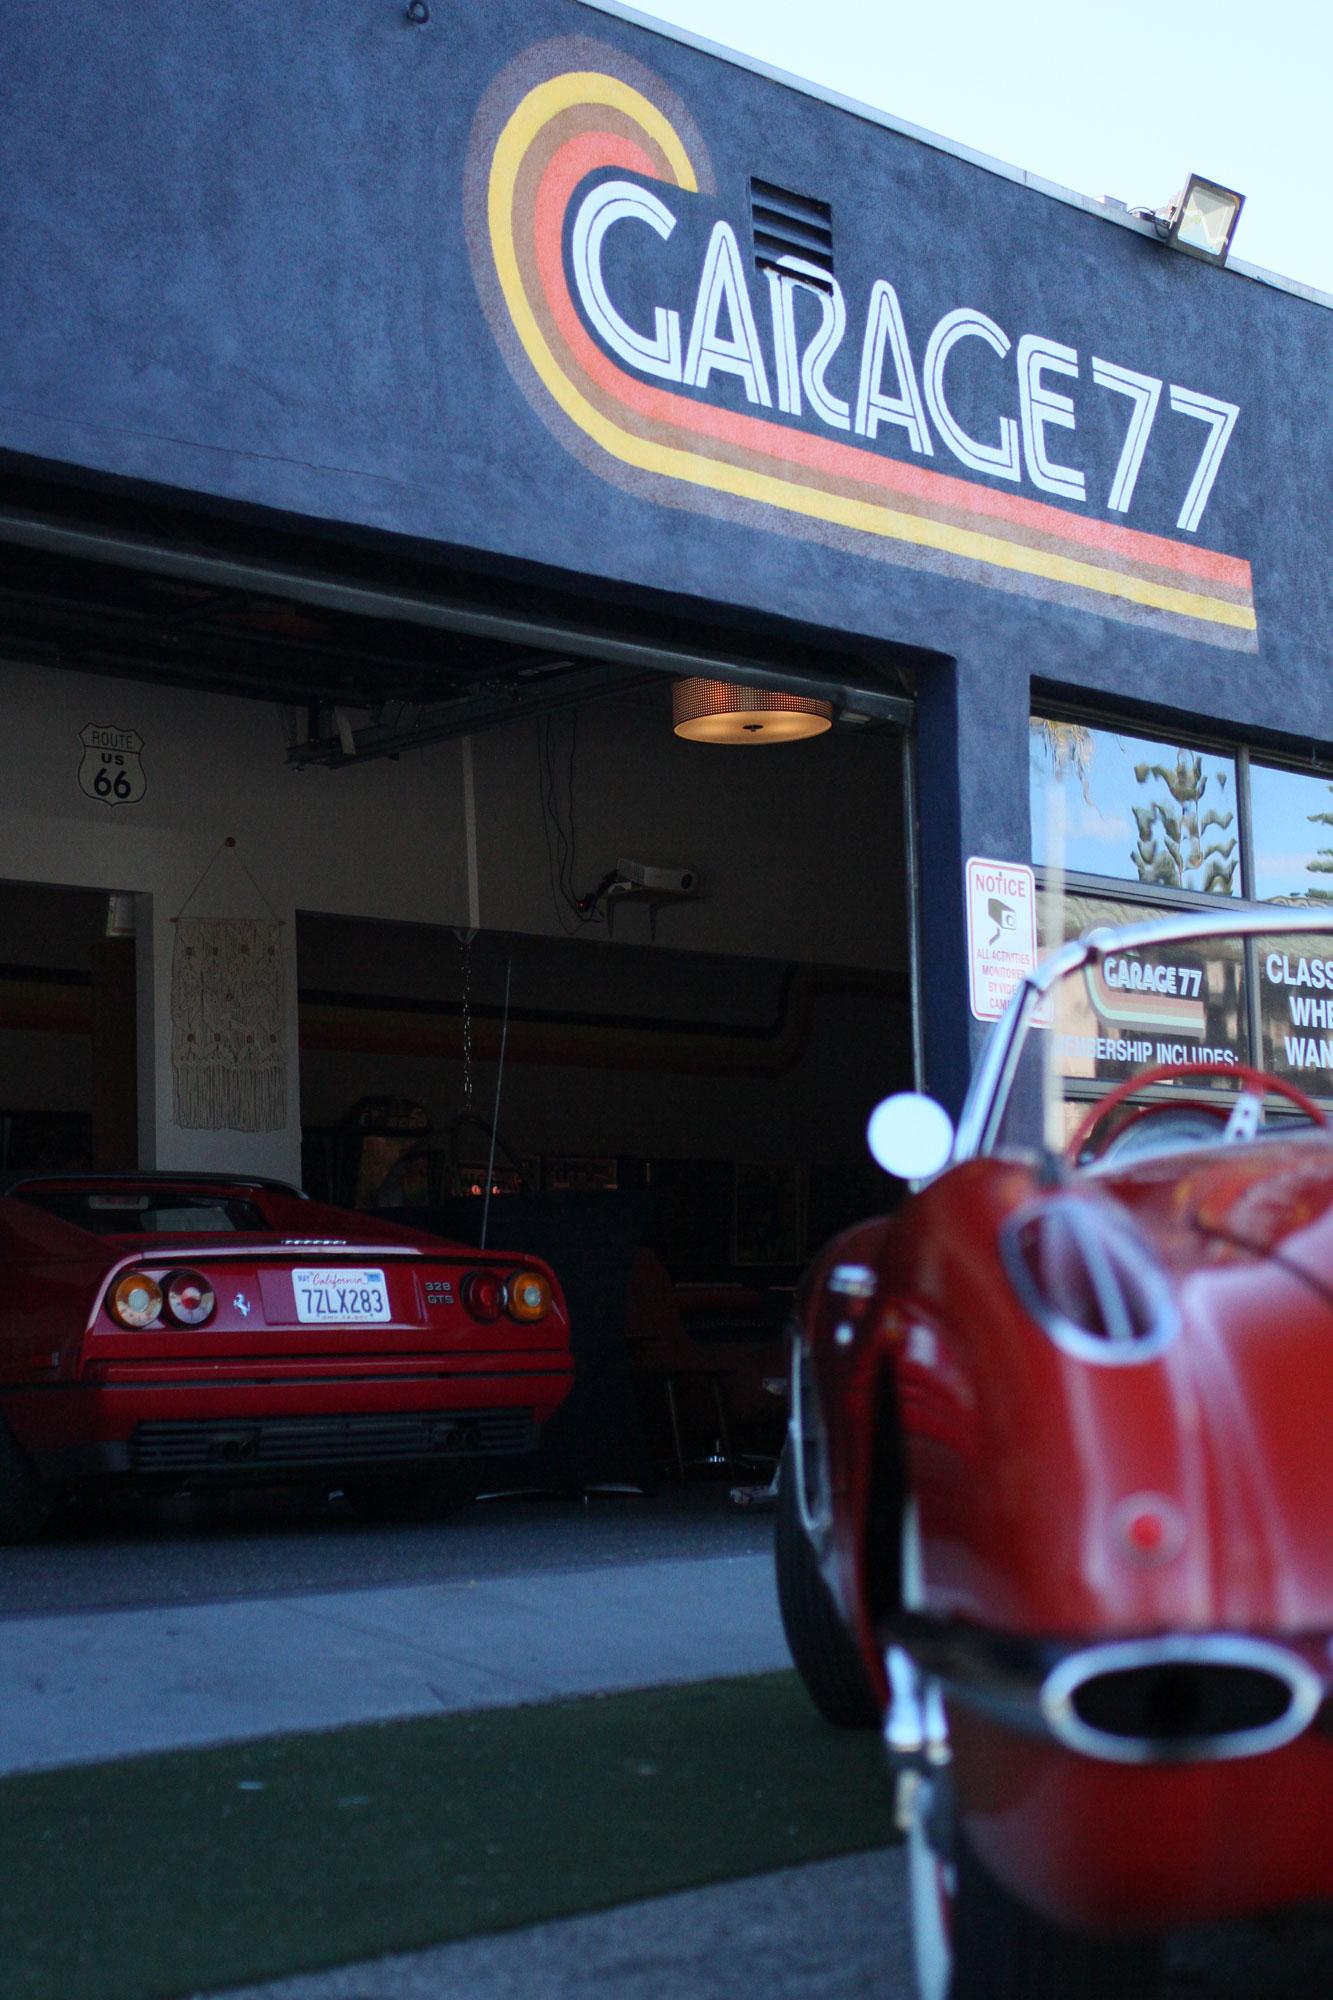 Corvette c1 och Ferrari 328 gtsi, båda skinande röda vid Garage 77